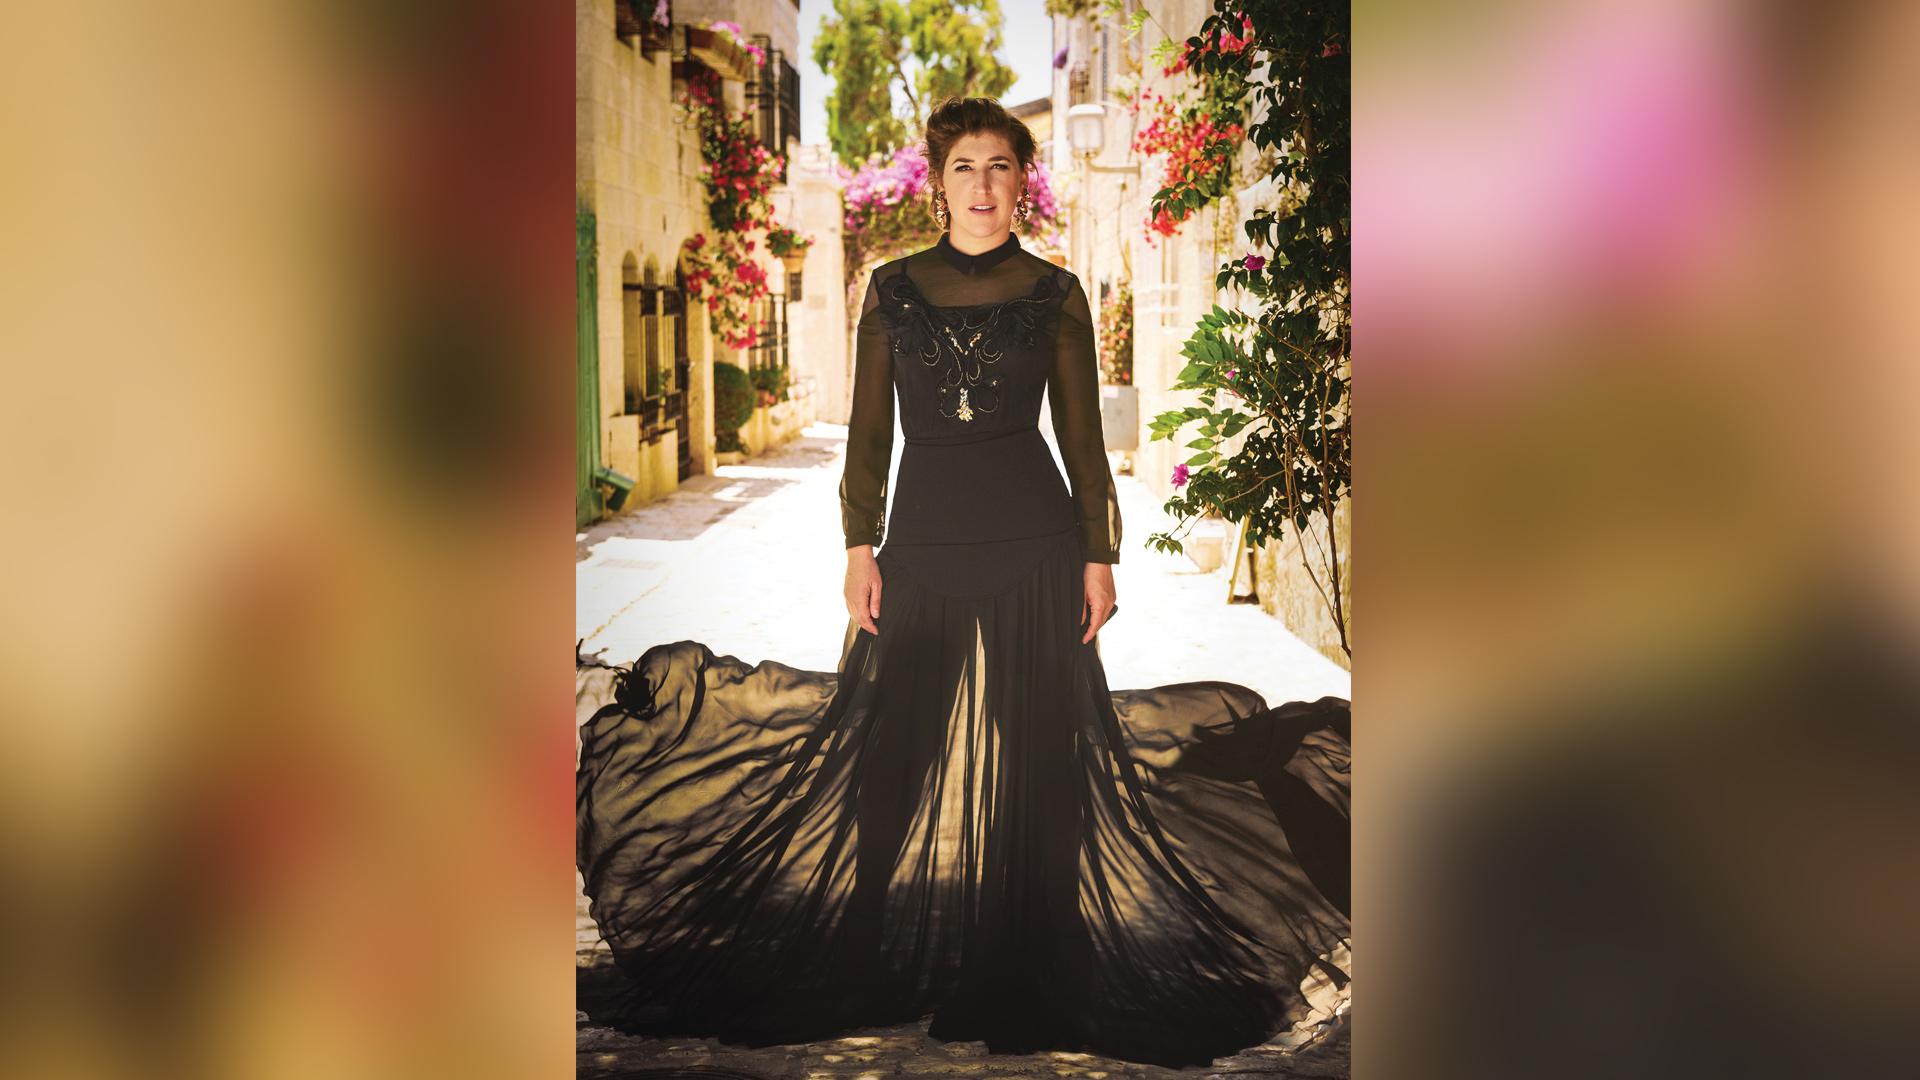 Bialik in black